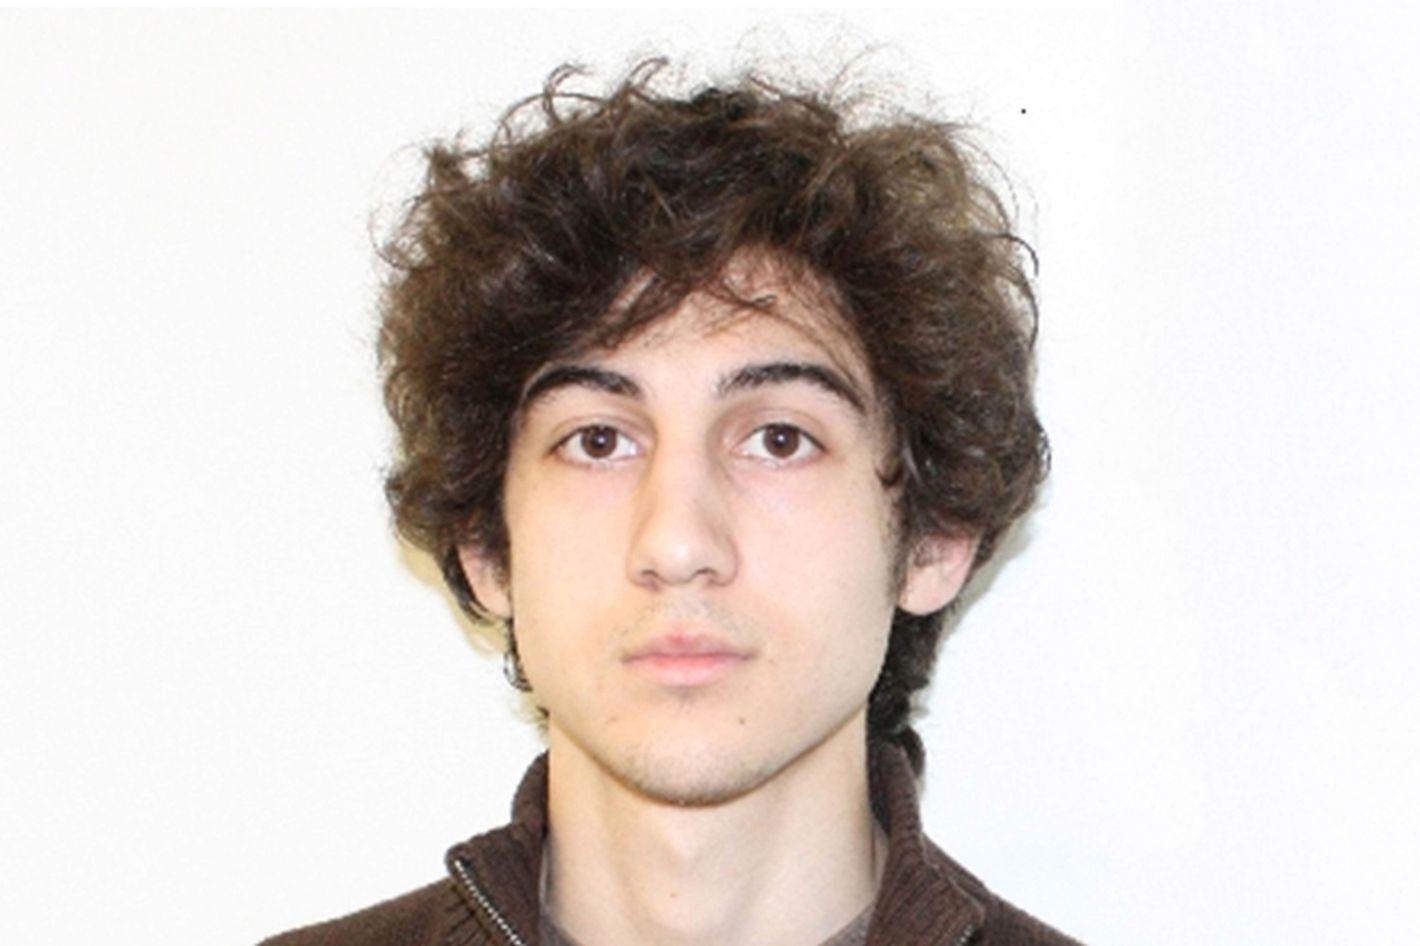 Tsarnaev.